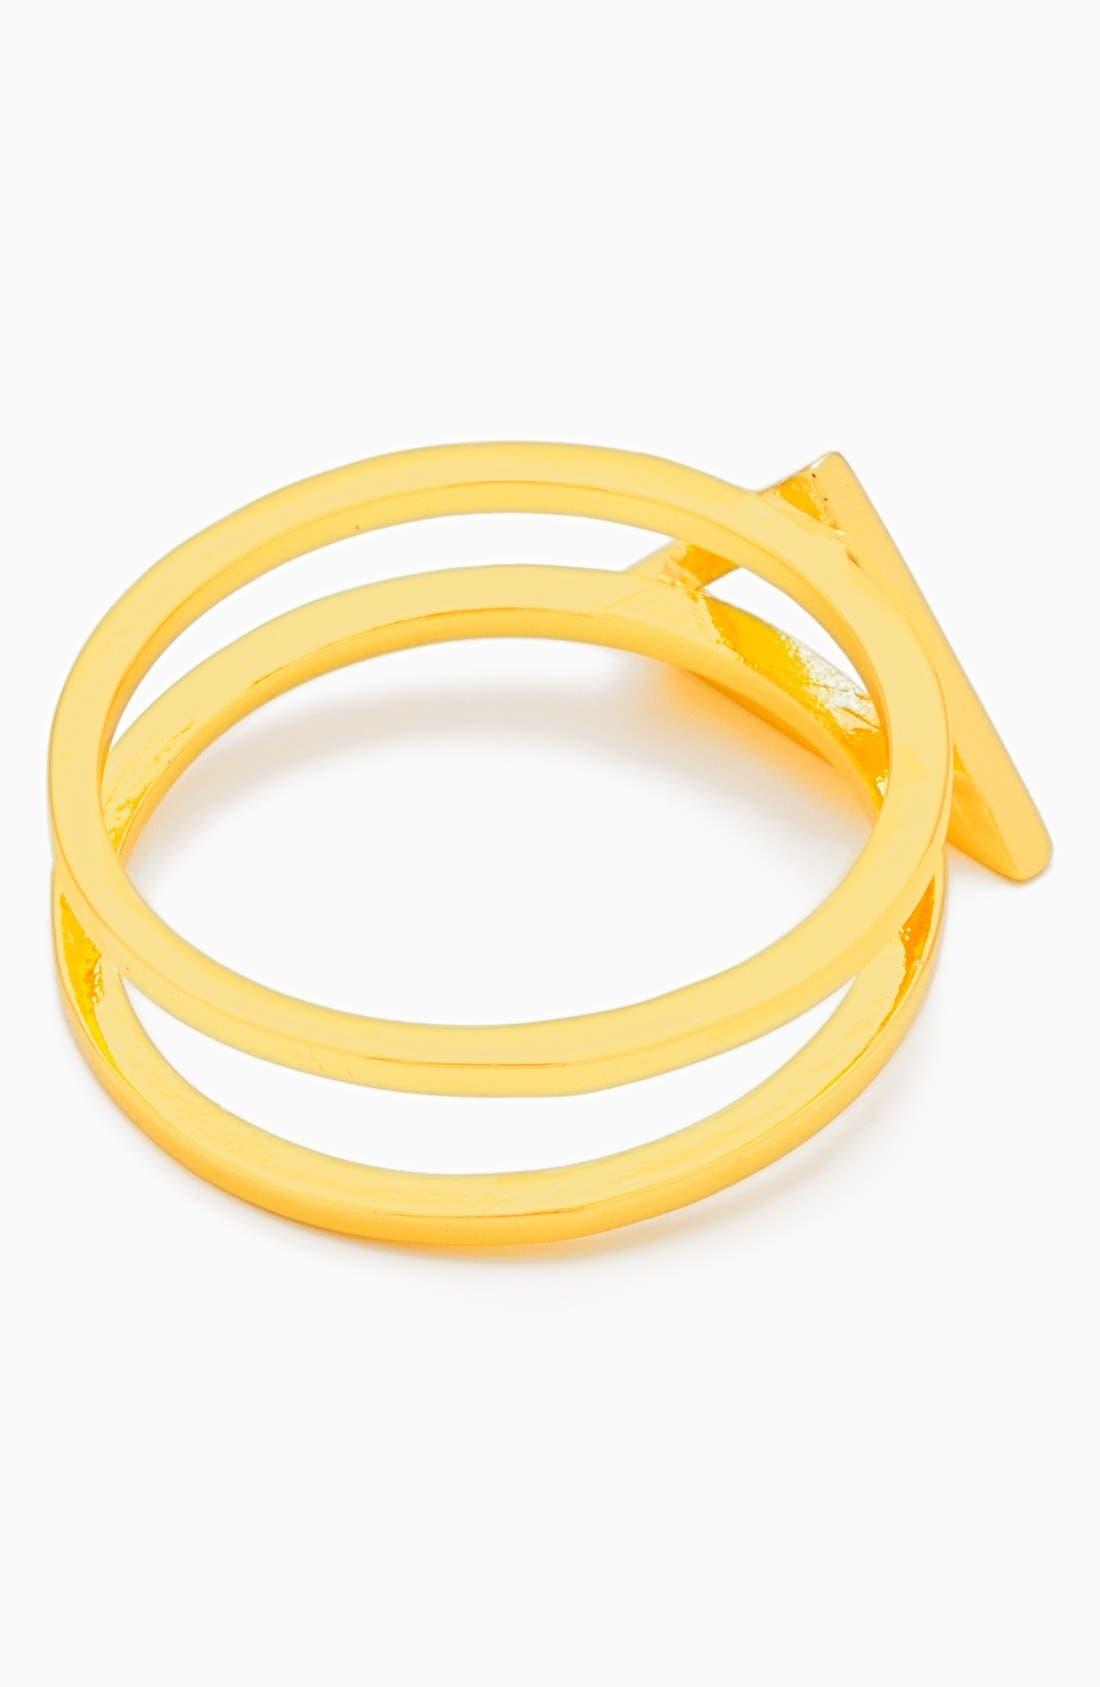 Alternate Image 2  - gorjana 'Anya' Openwork Triangle Ring